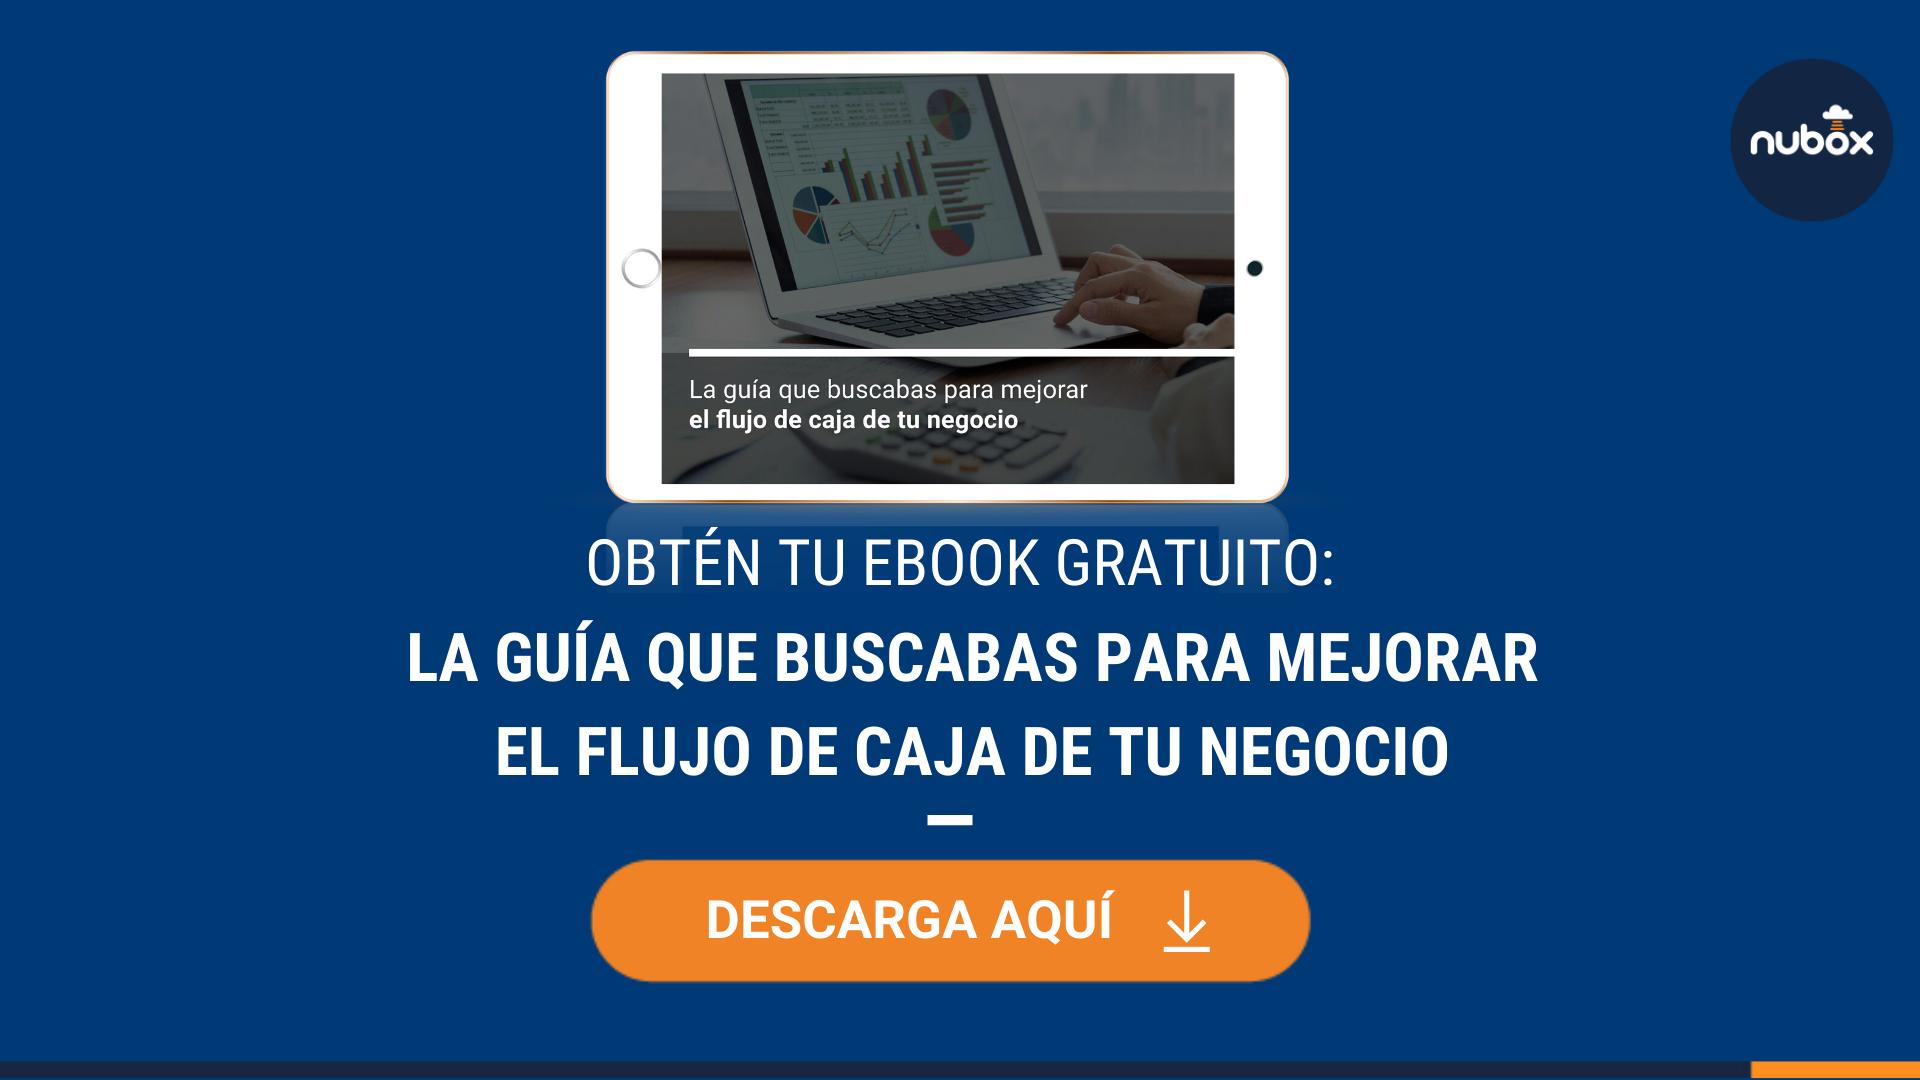 [Ebook] La guía que buscabas para mejorar el flujo de caja de tu negocio